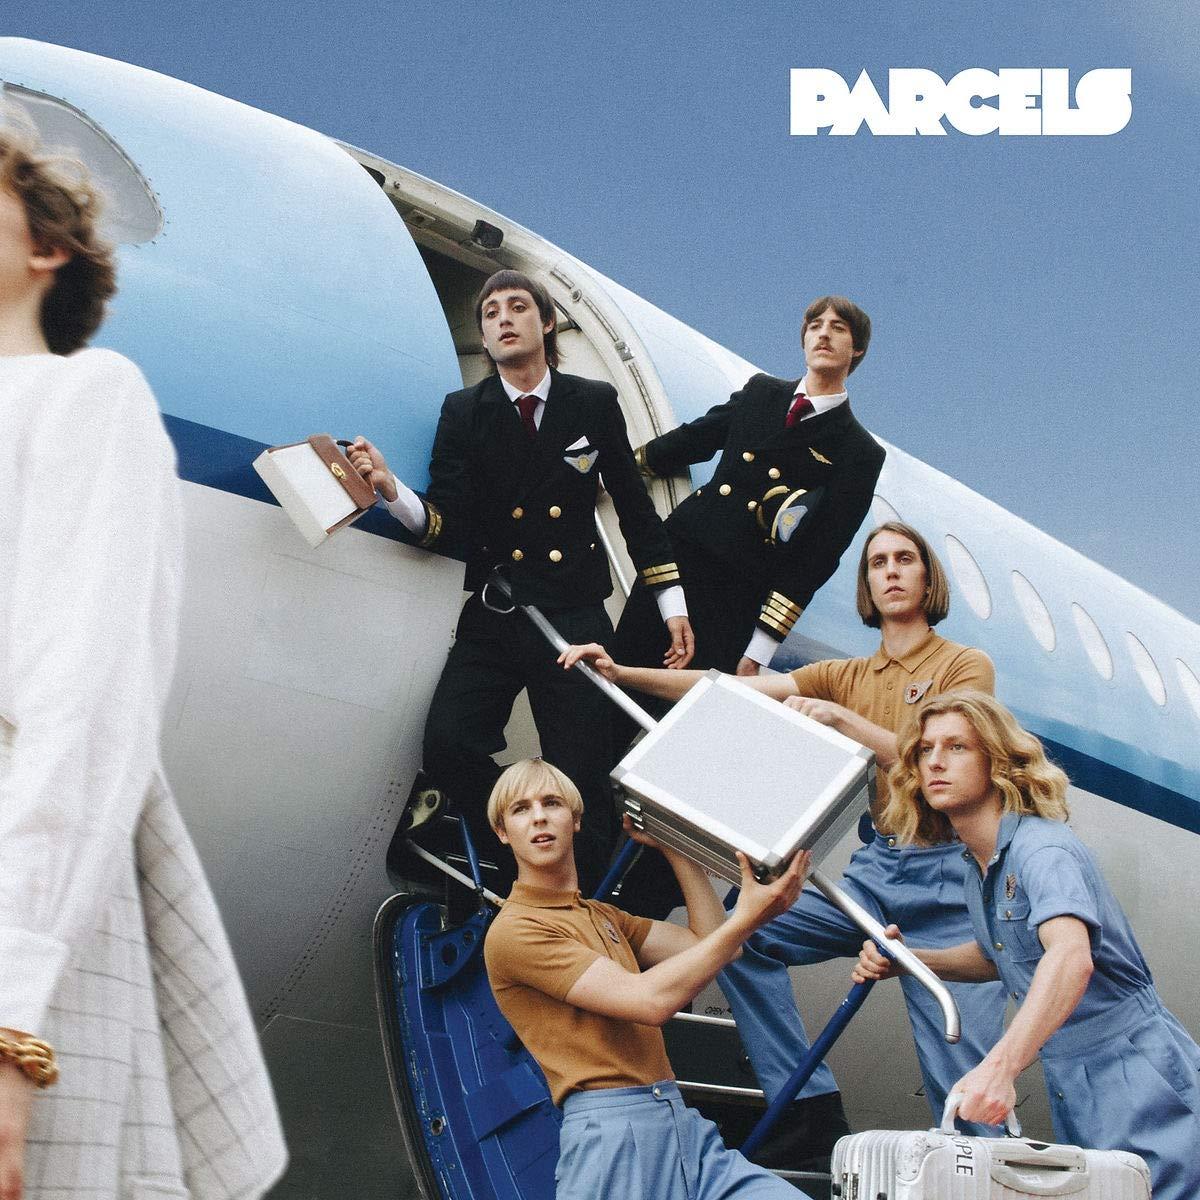 Vinilo : Parcels - Parcels (With CD)